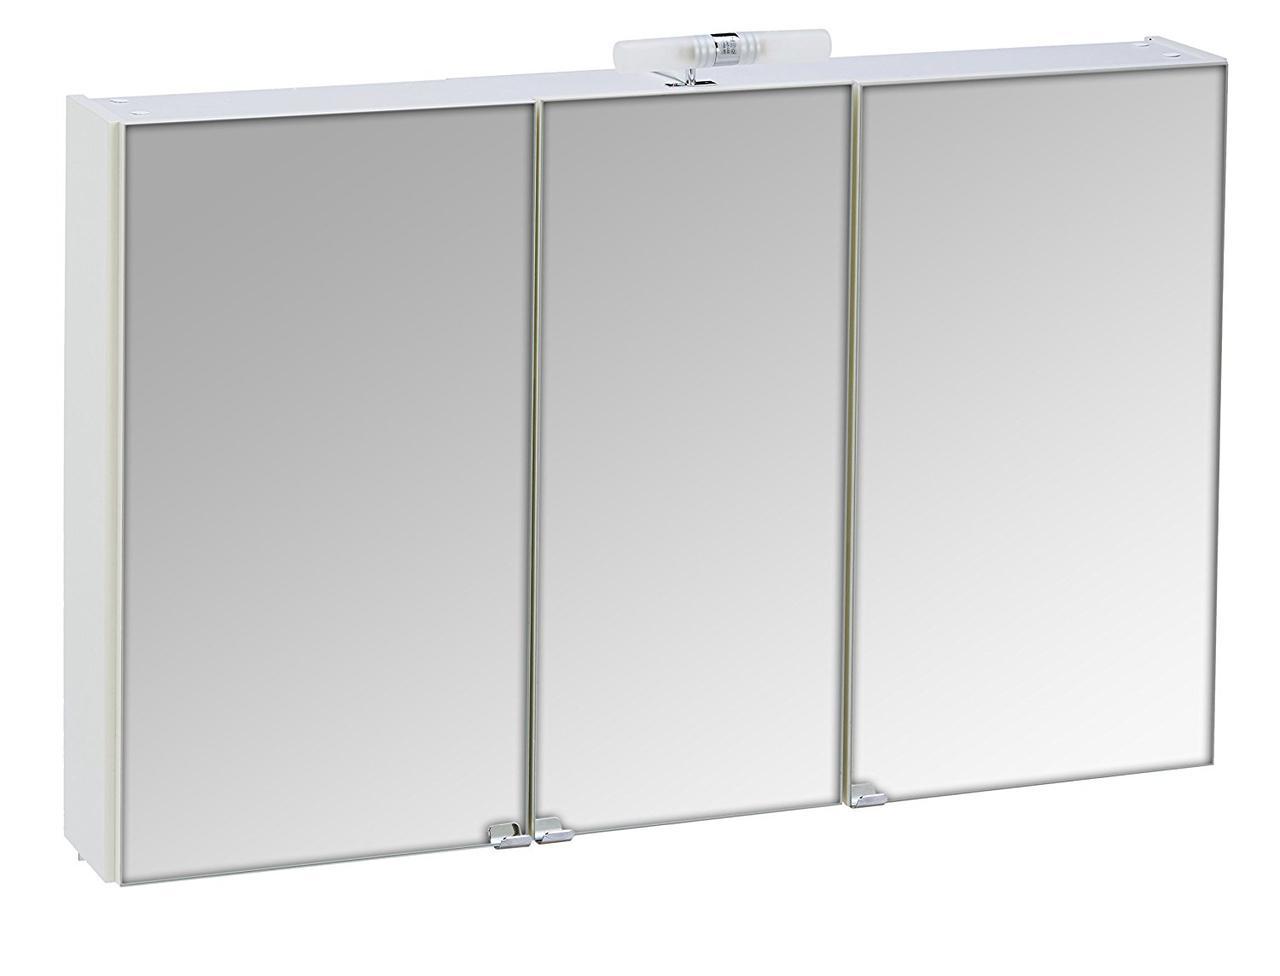 Зеркальный шкаф 3 двери, 110 x 68 x 16 см, белый